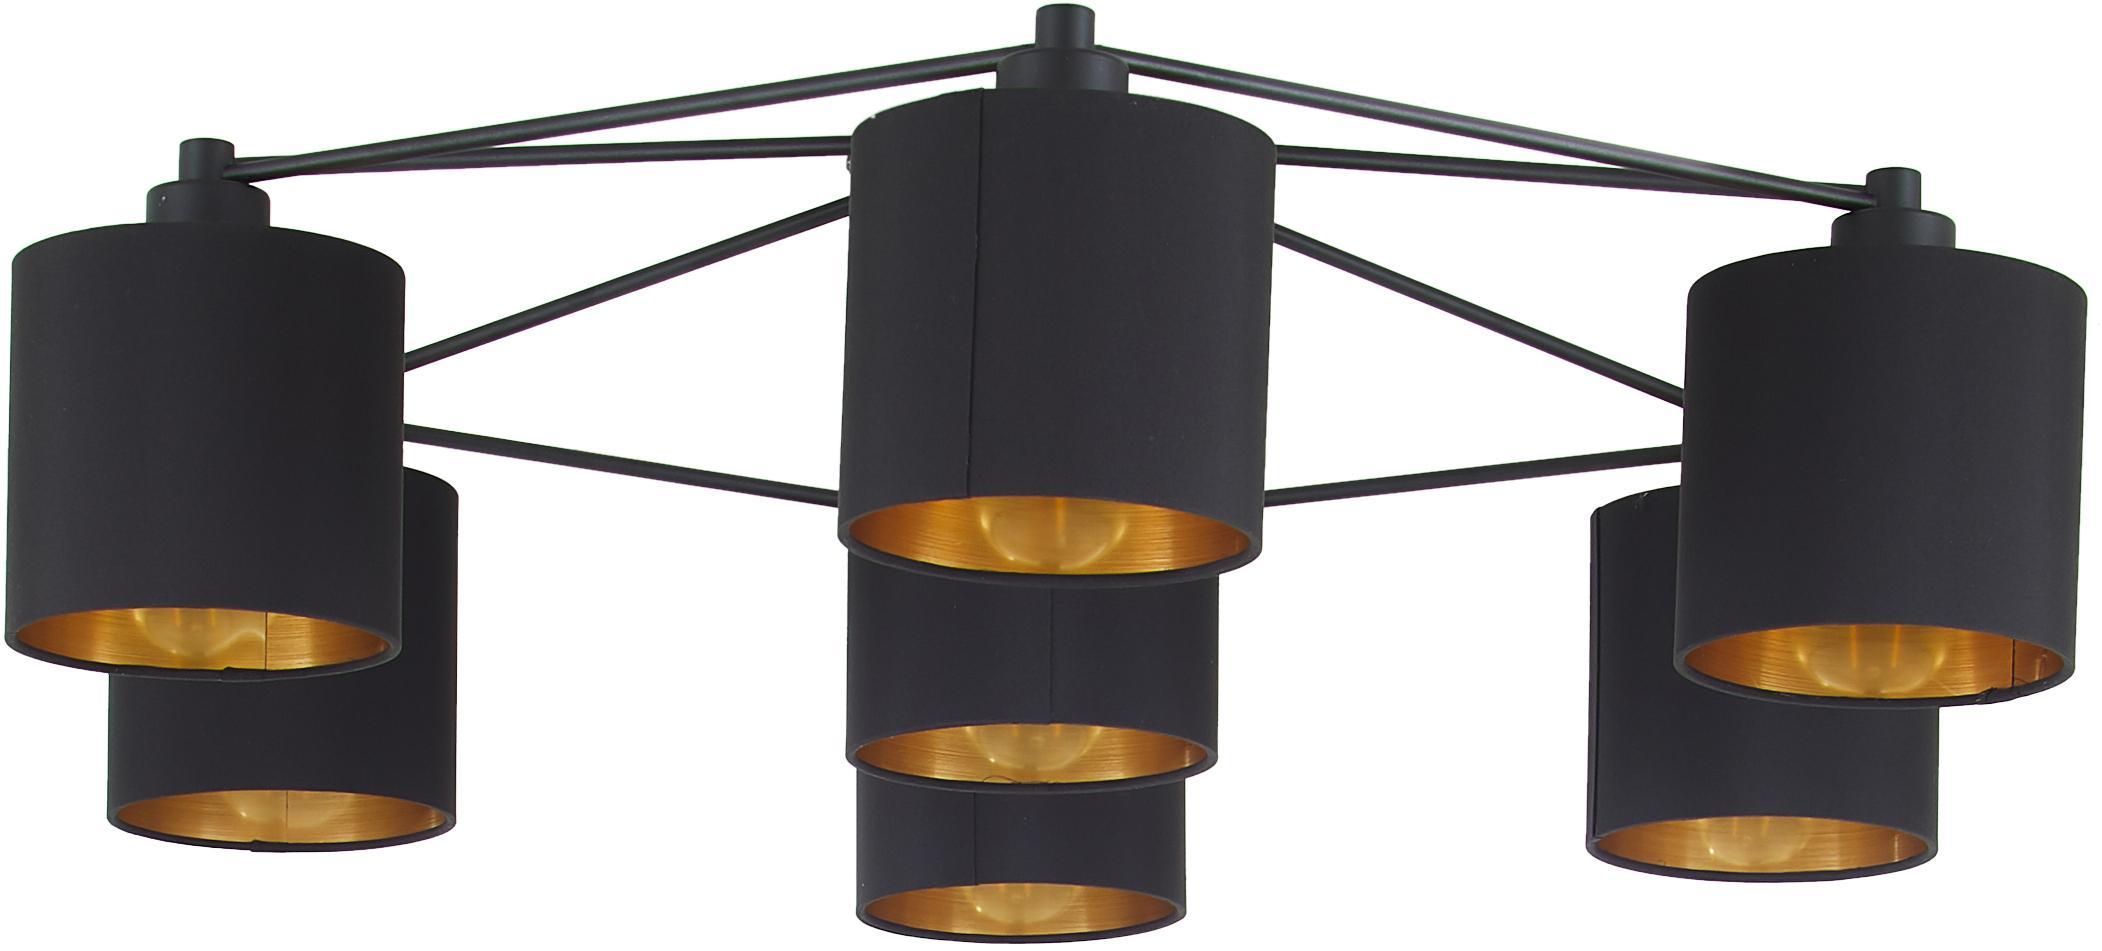 Grosse Deckenleuchte Staiti in Schwarz, Lampenschirm: Polyester, Schwarz, Ø 84 x H 24 cm